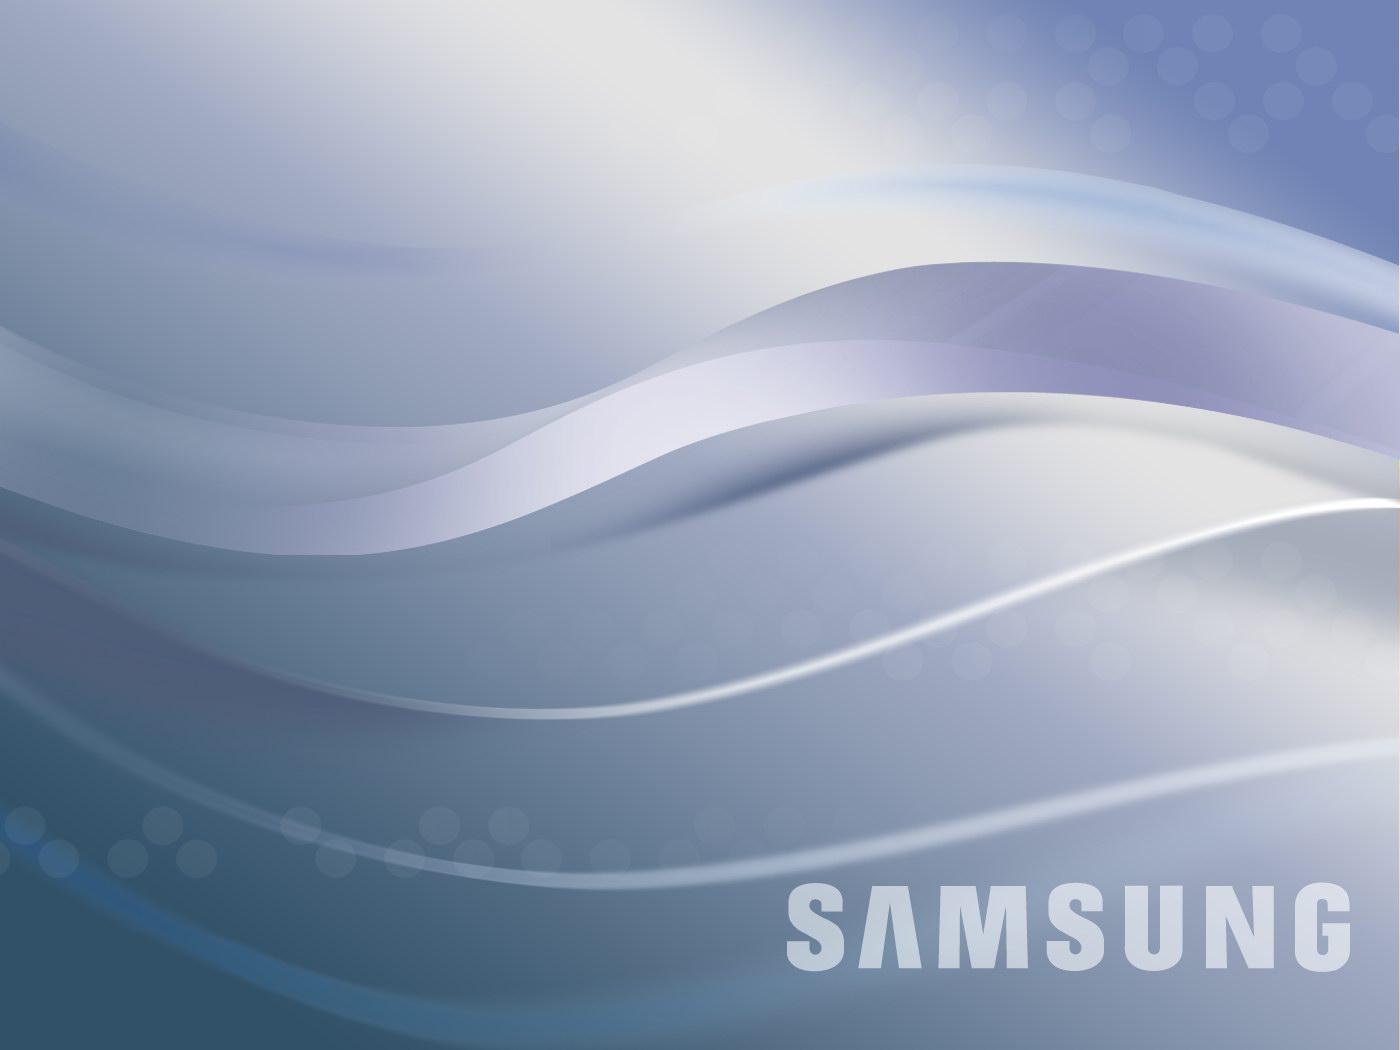 http://1.bp.blogspot.com/-fQGPmEy8VEA/Tkv11gBwQyI/AAAAAAAAADs/VSSk1ITXk50/s1600/Samsung-Laptop-Wallpapers-3.jpg